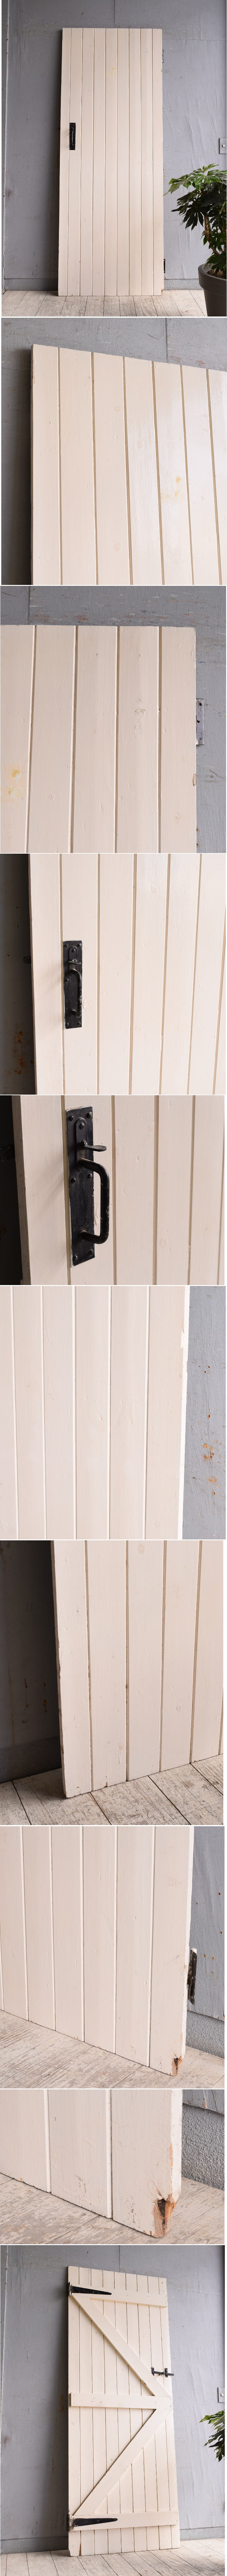 イギリス アンティーク ドア 扉 建具 9976